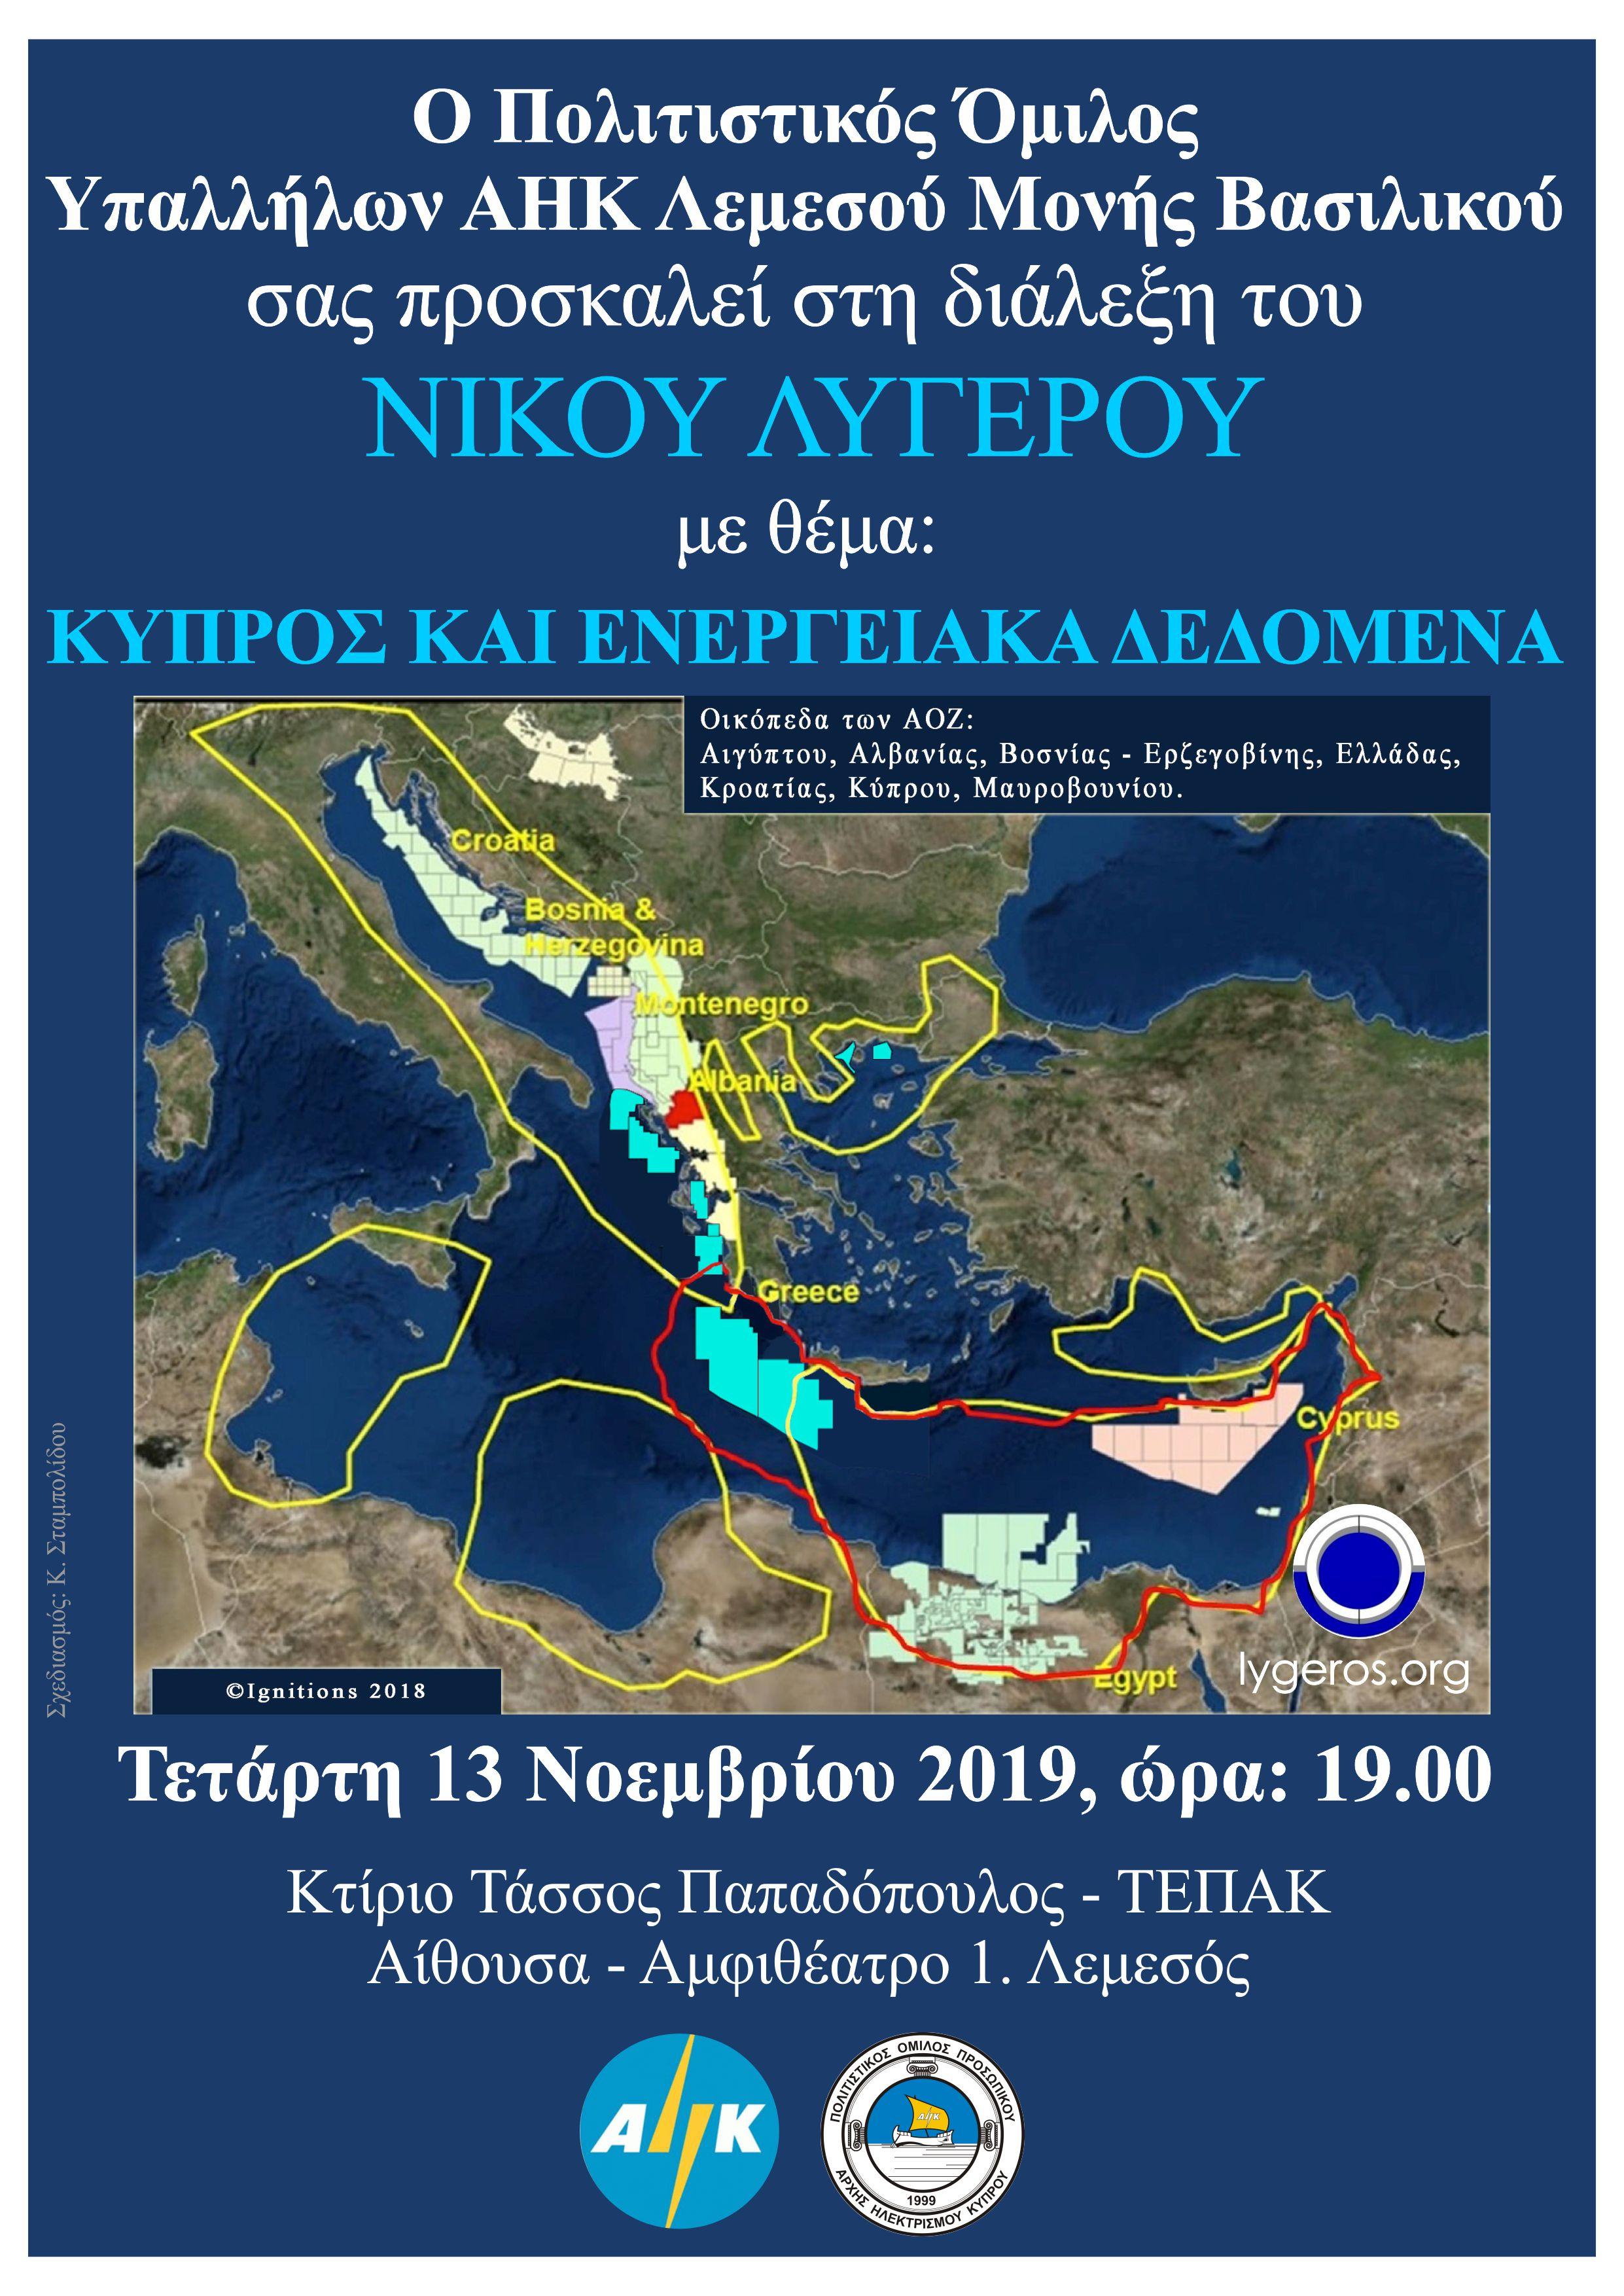 Διάλεξη: Κύπρος και ενεργειακά δεδομένα